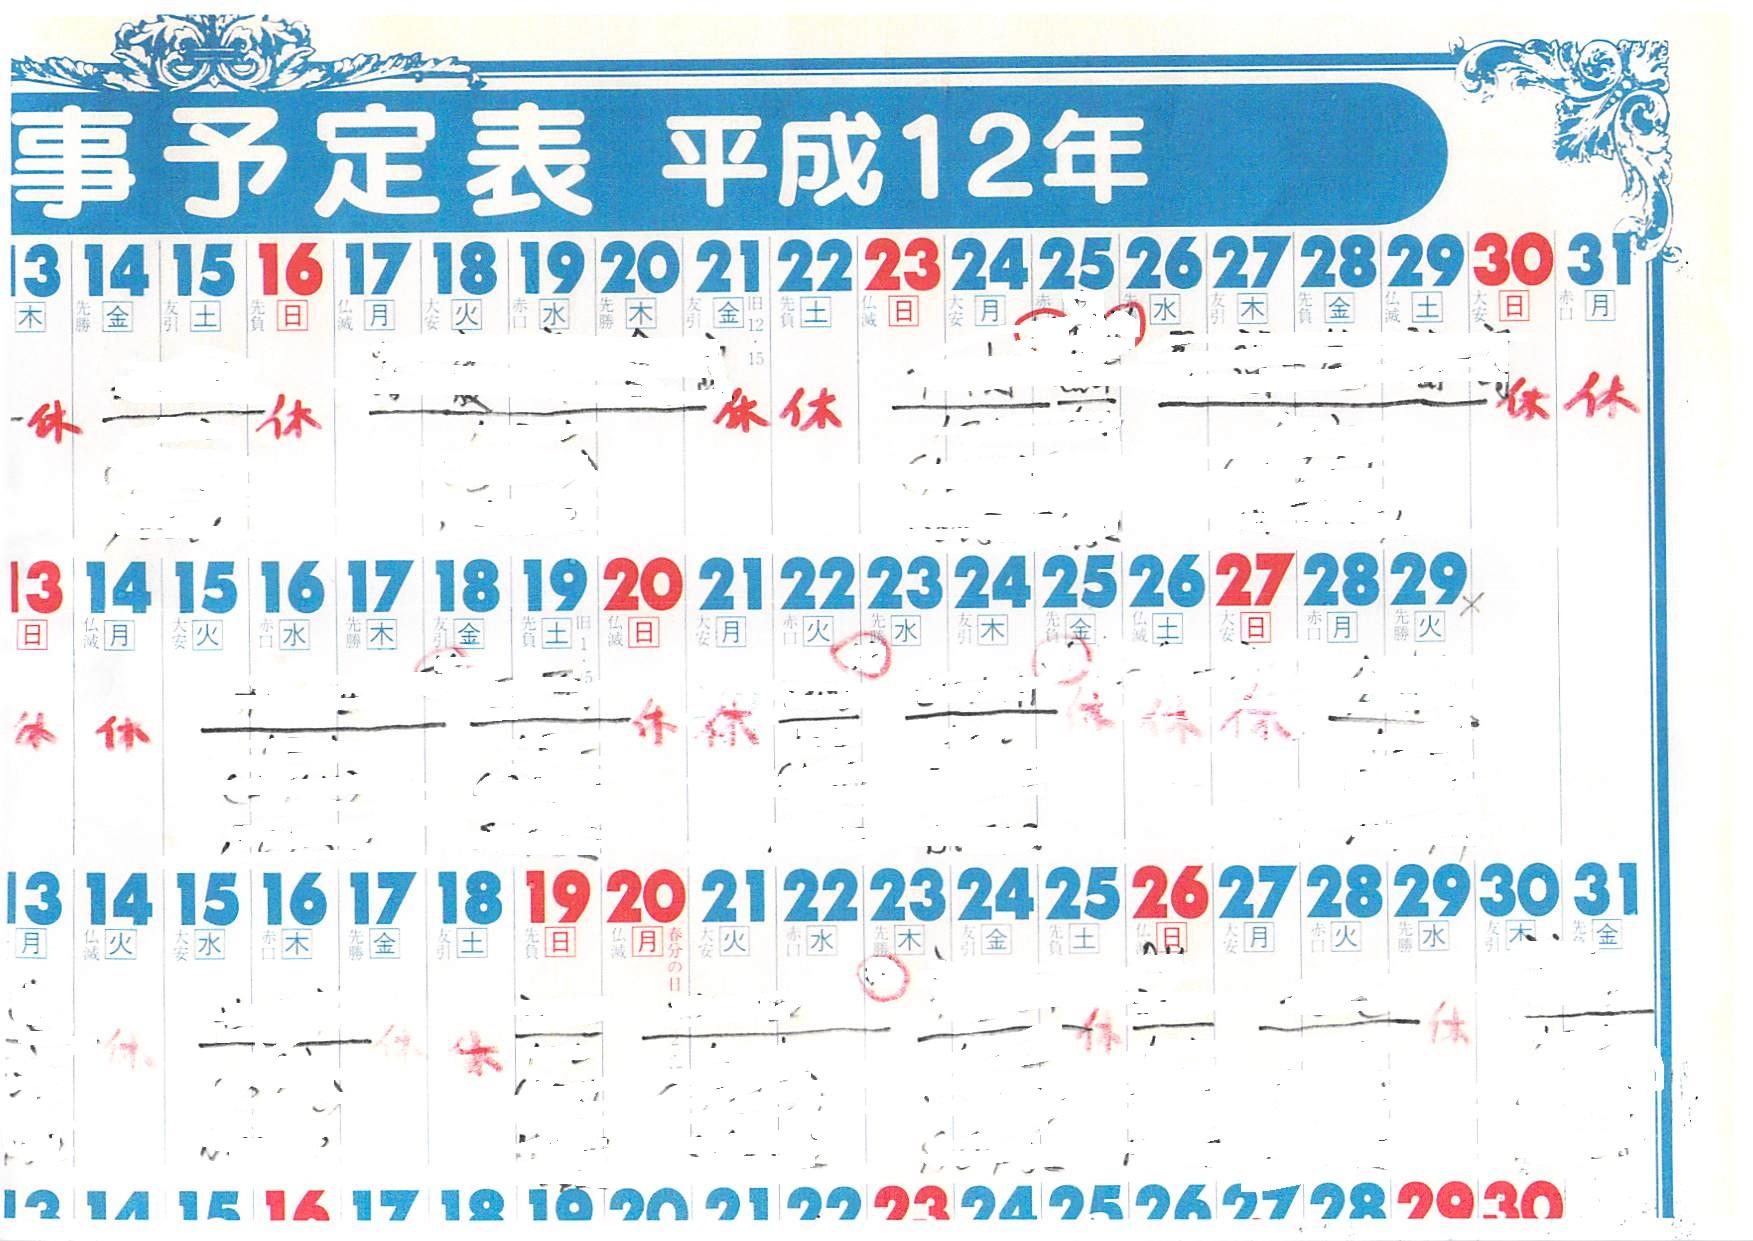 カレンダー 12年カレンダー : 平成12年カレンダー 2-2